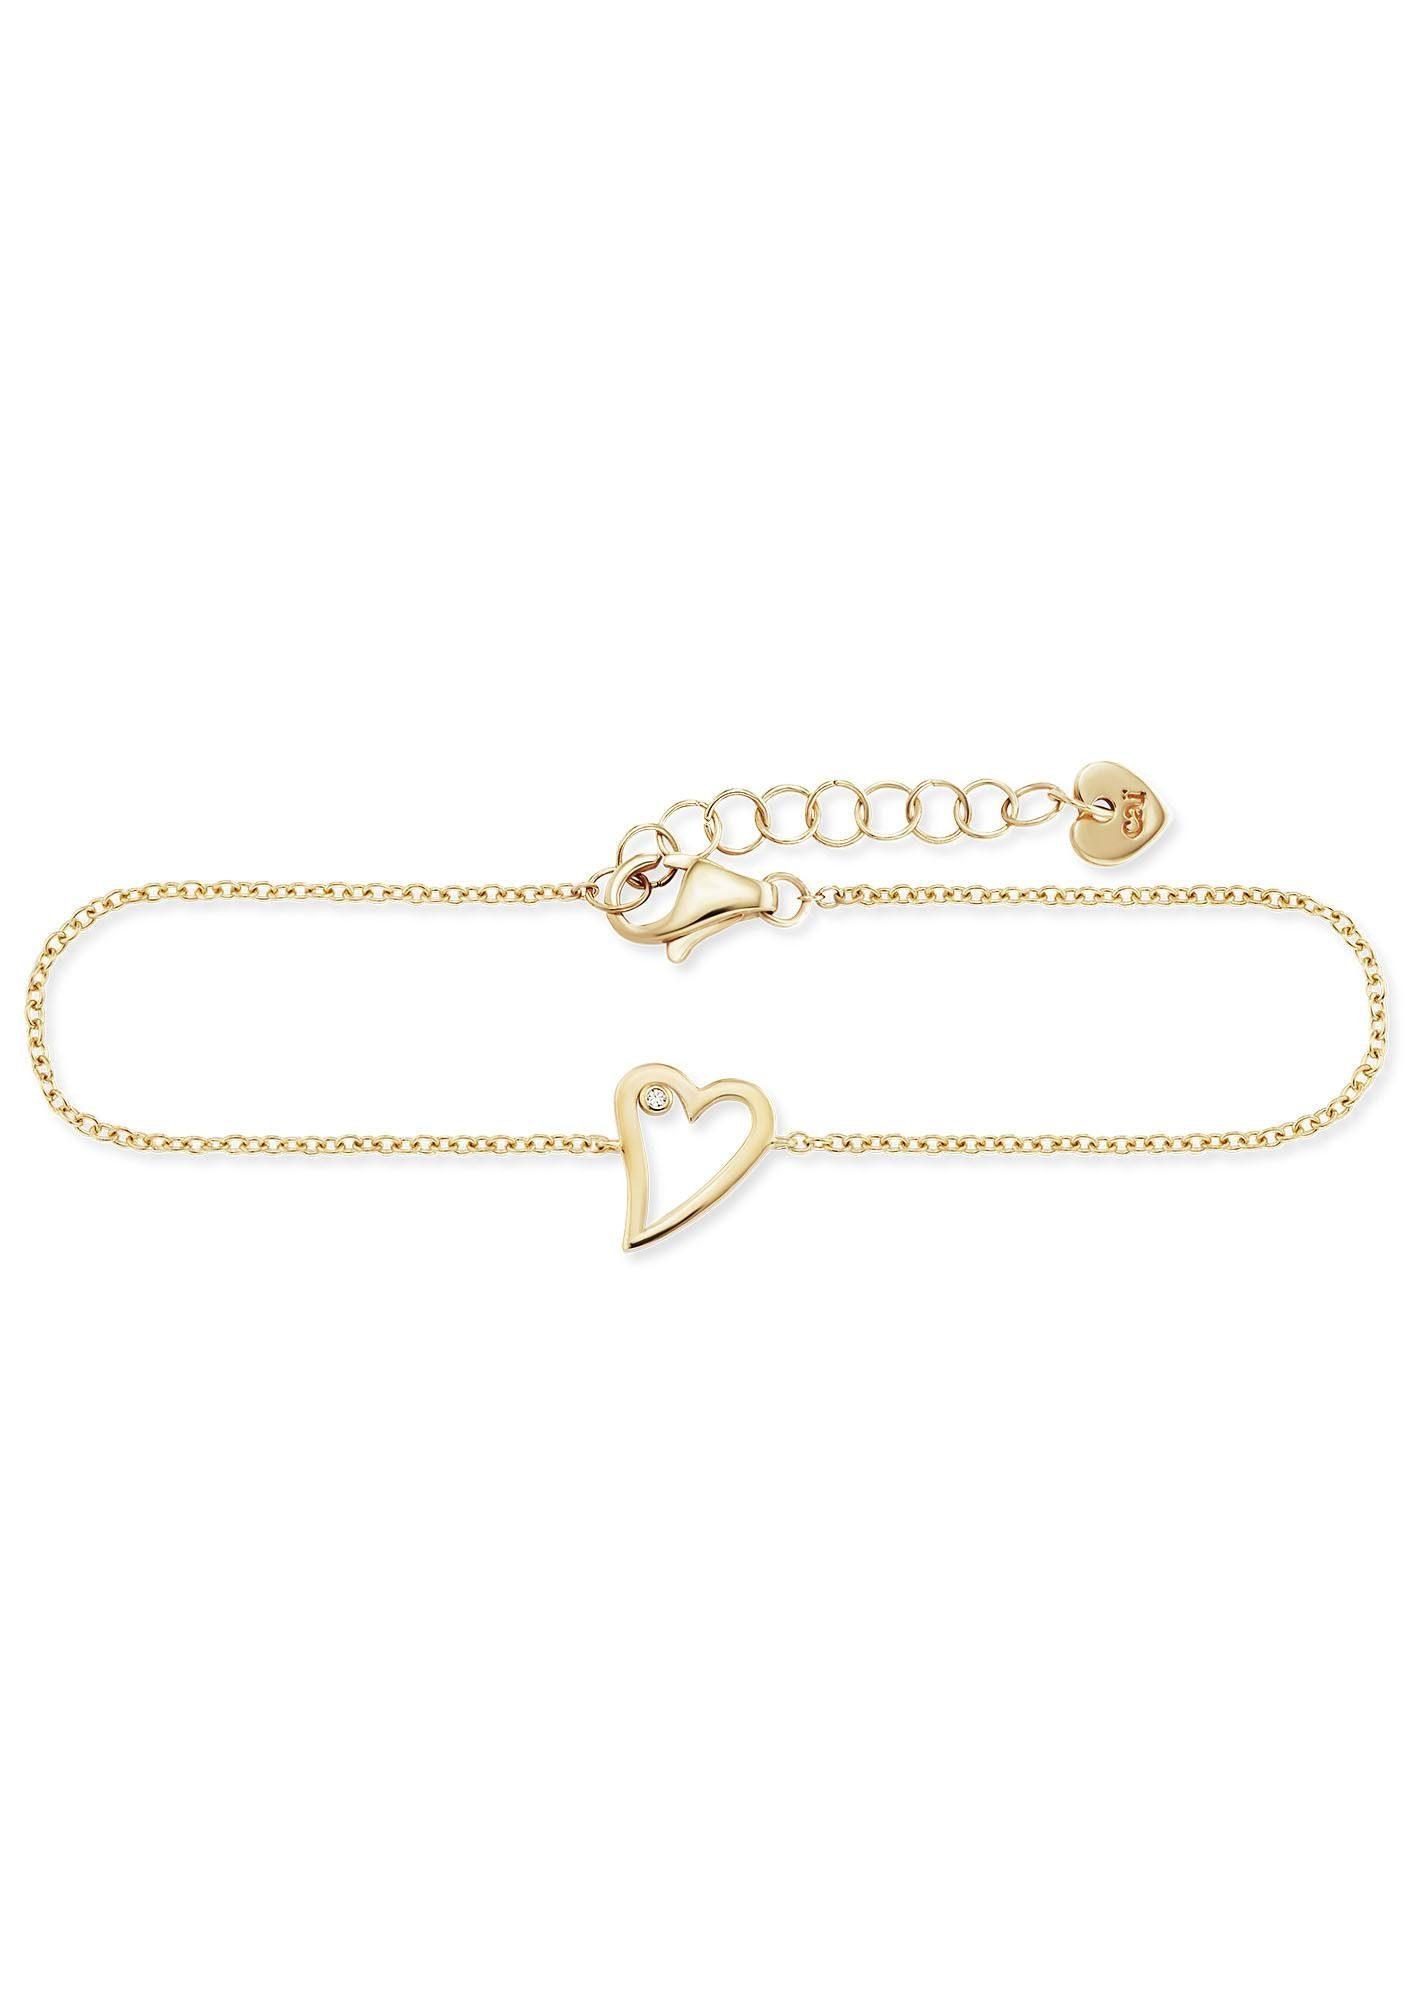 CAÏ Armband »caï love,Herz, swingin heart, C7379B/90/03/19« mit Zirkonia